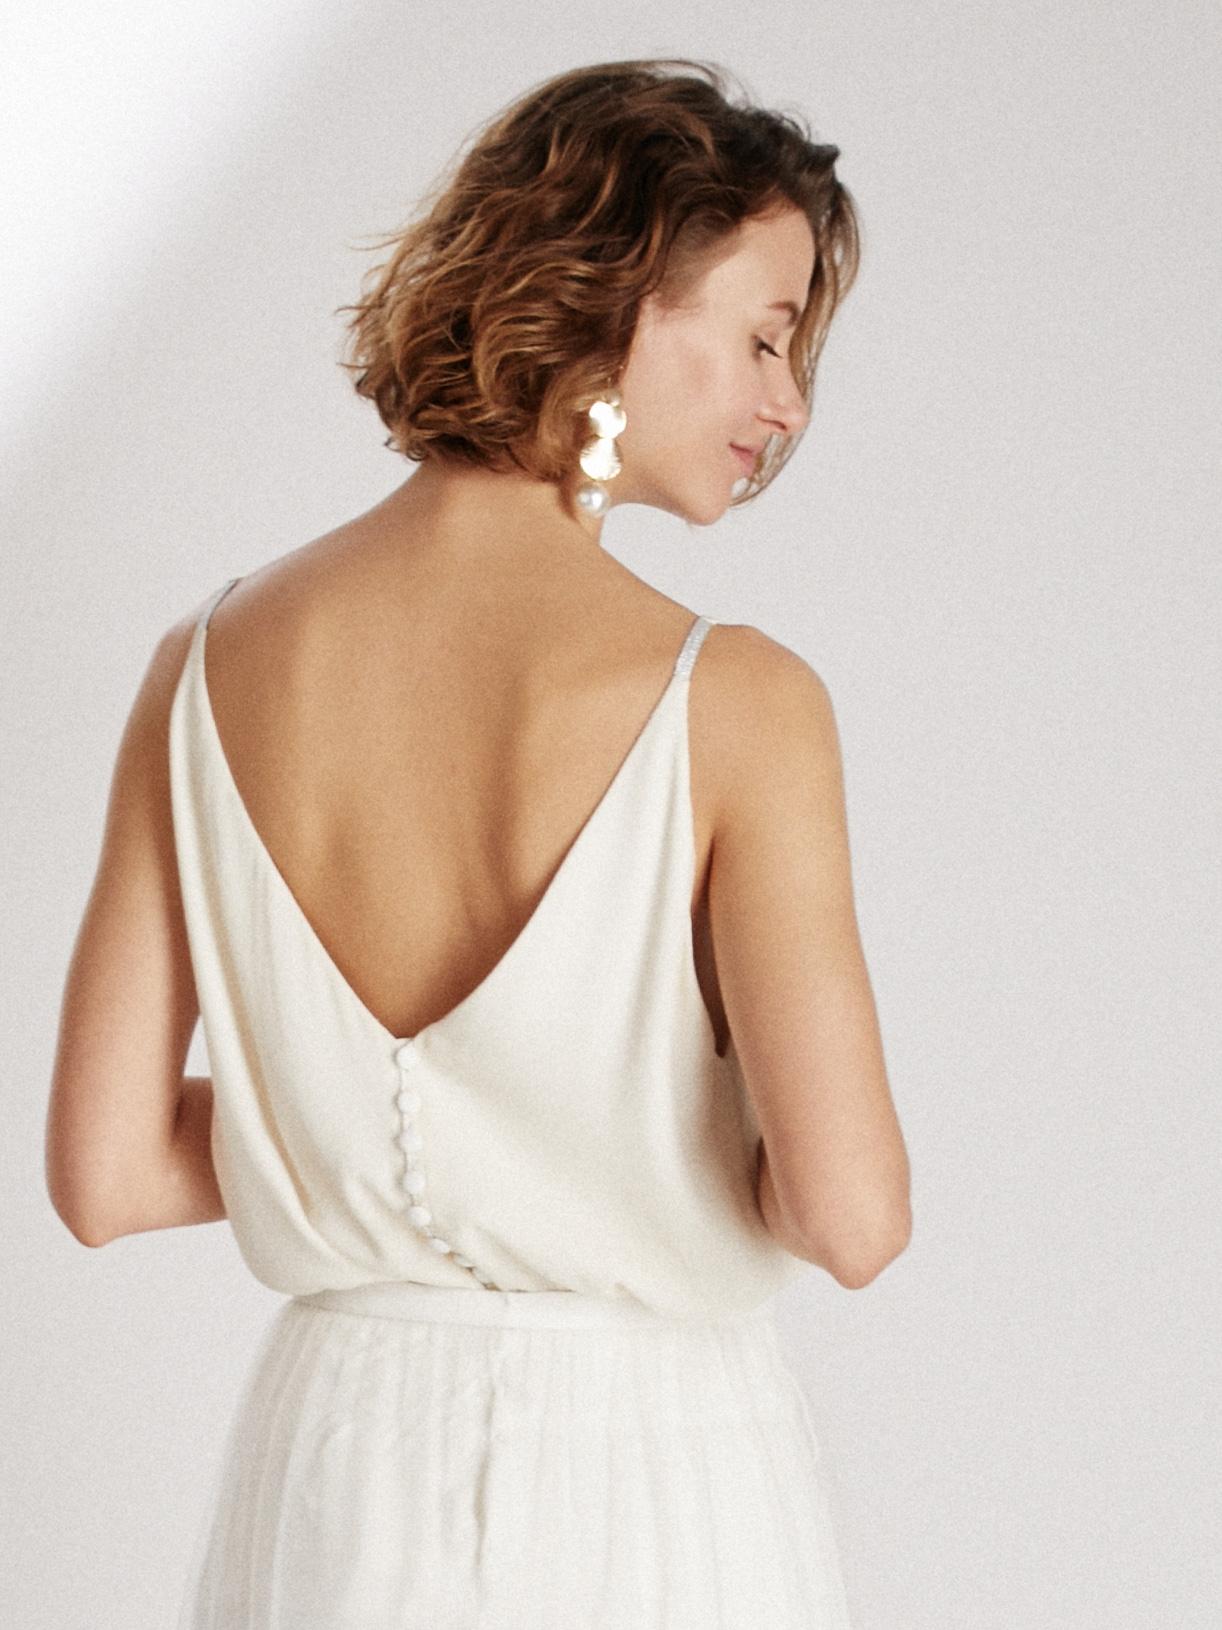 Blouse de mariée a bretelles et col V écoresponsable - Creatrice de robe de mariée éthique et bio a Paris - Myphilosophy